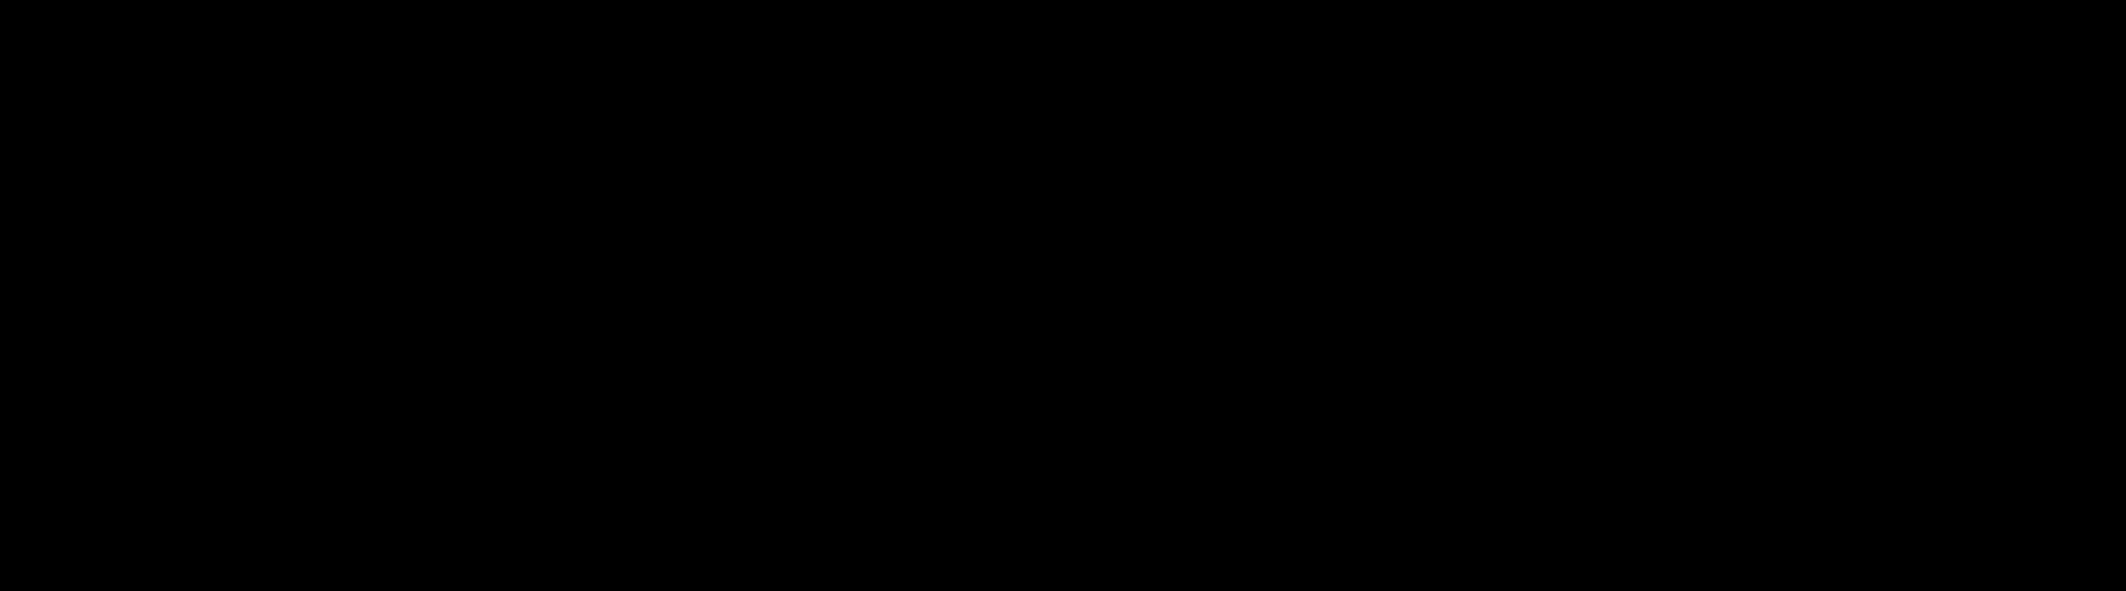 AT63B